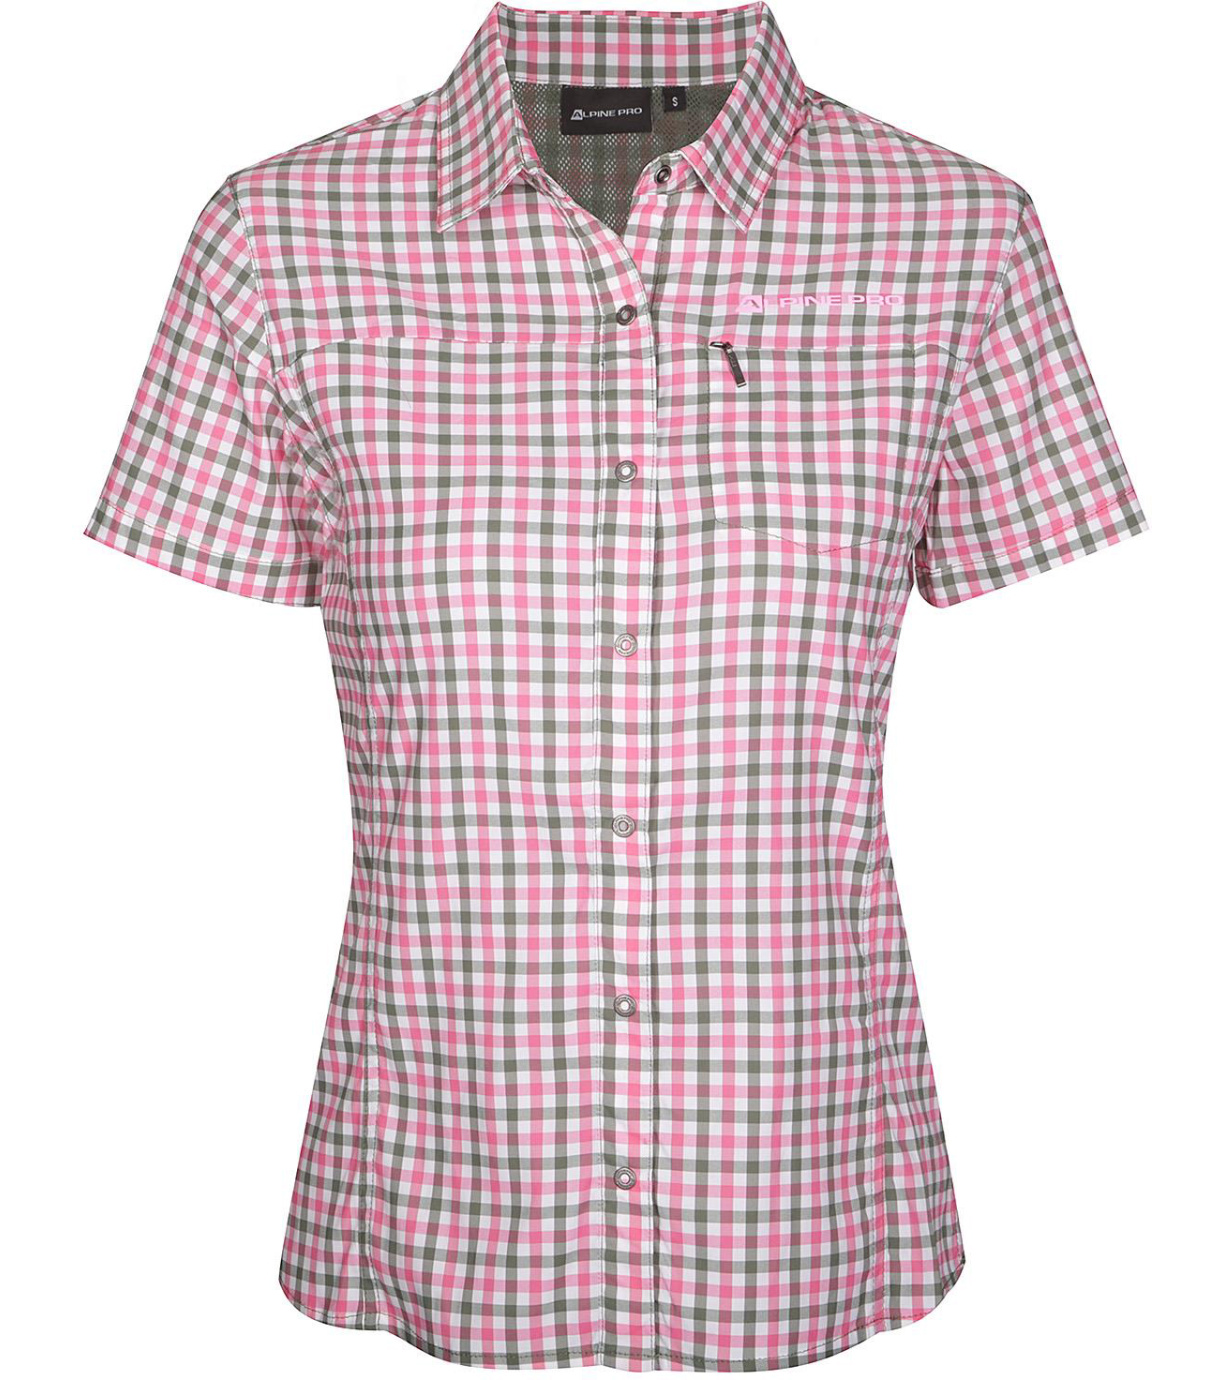 ALPINE PRO LURINA 4 Dámské košile LSHR021419 camellia rose XS